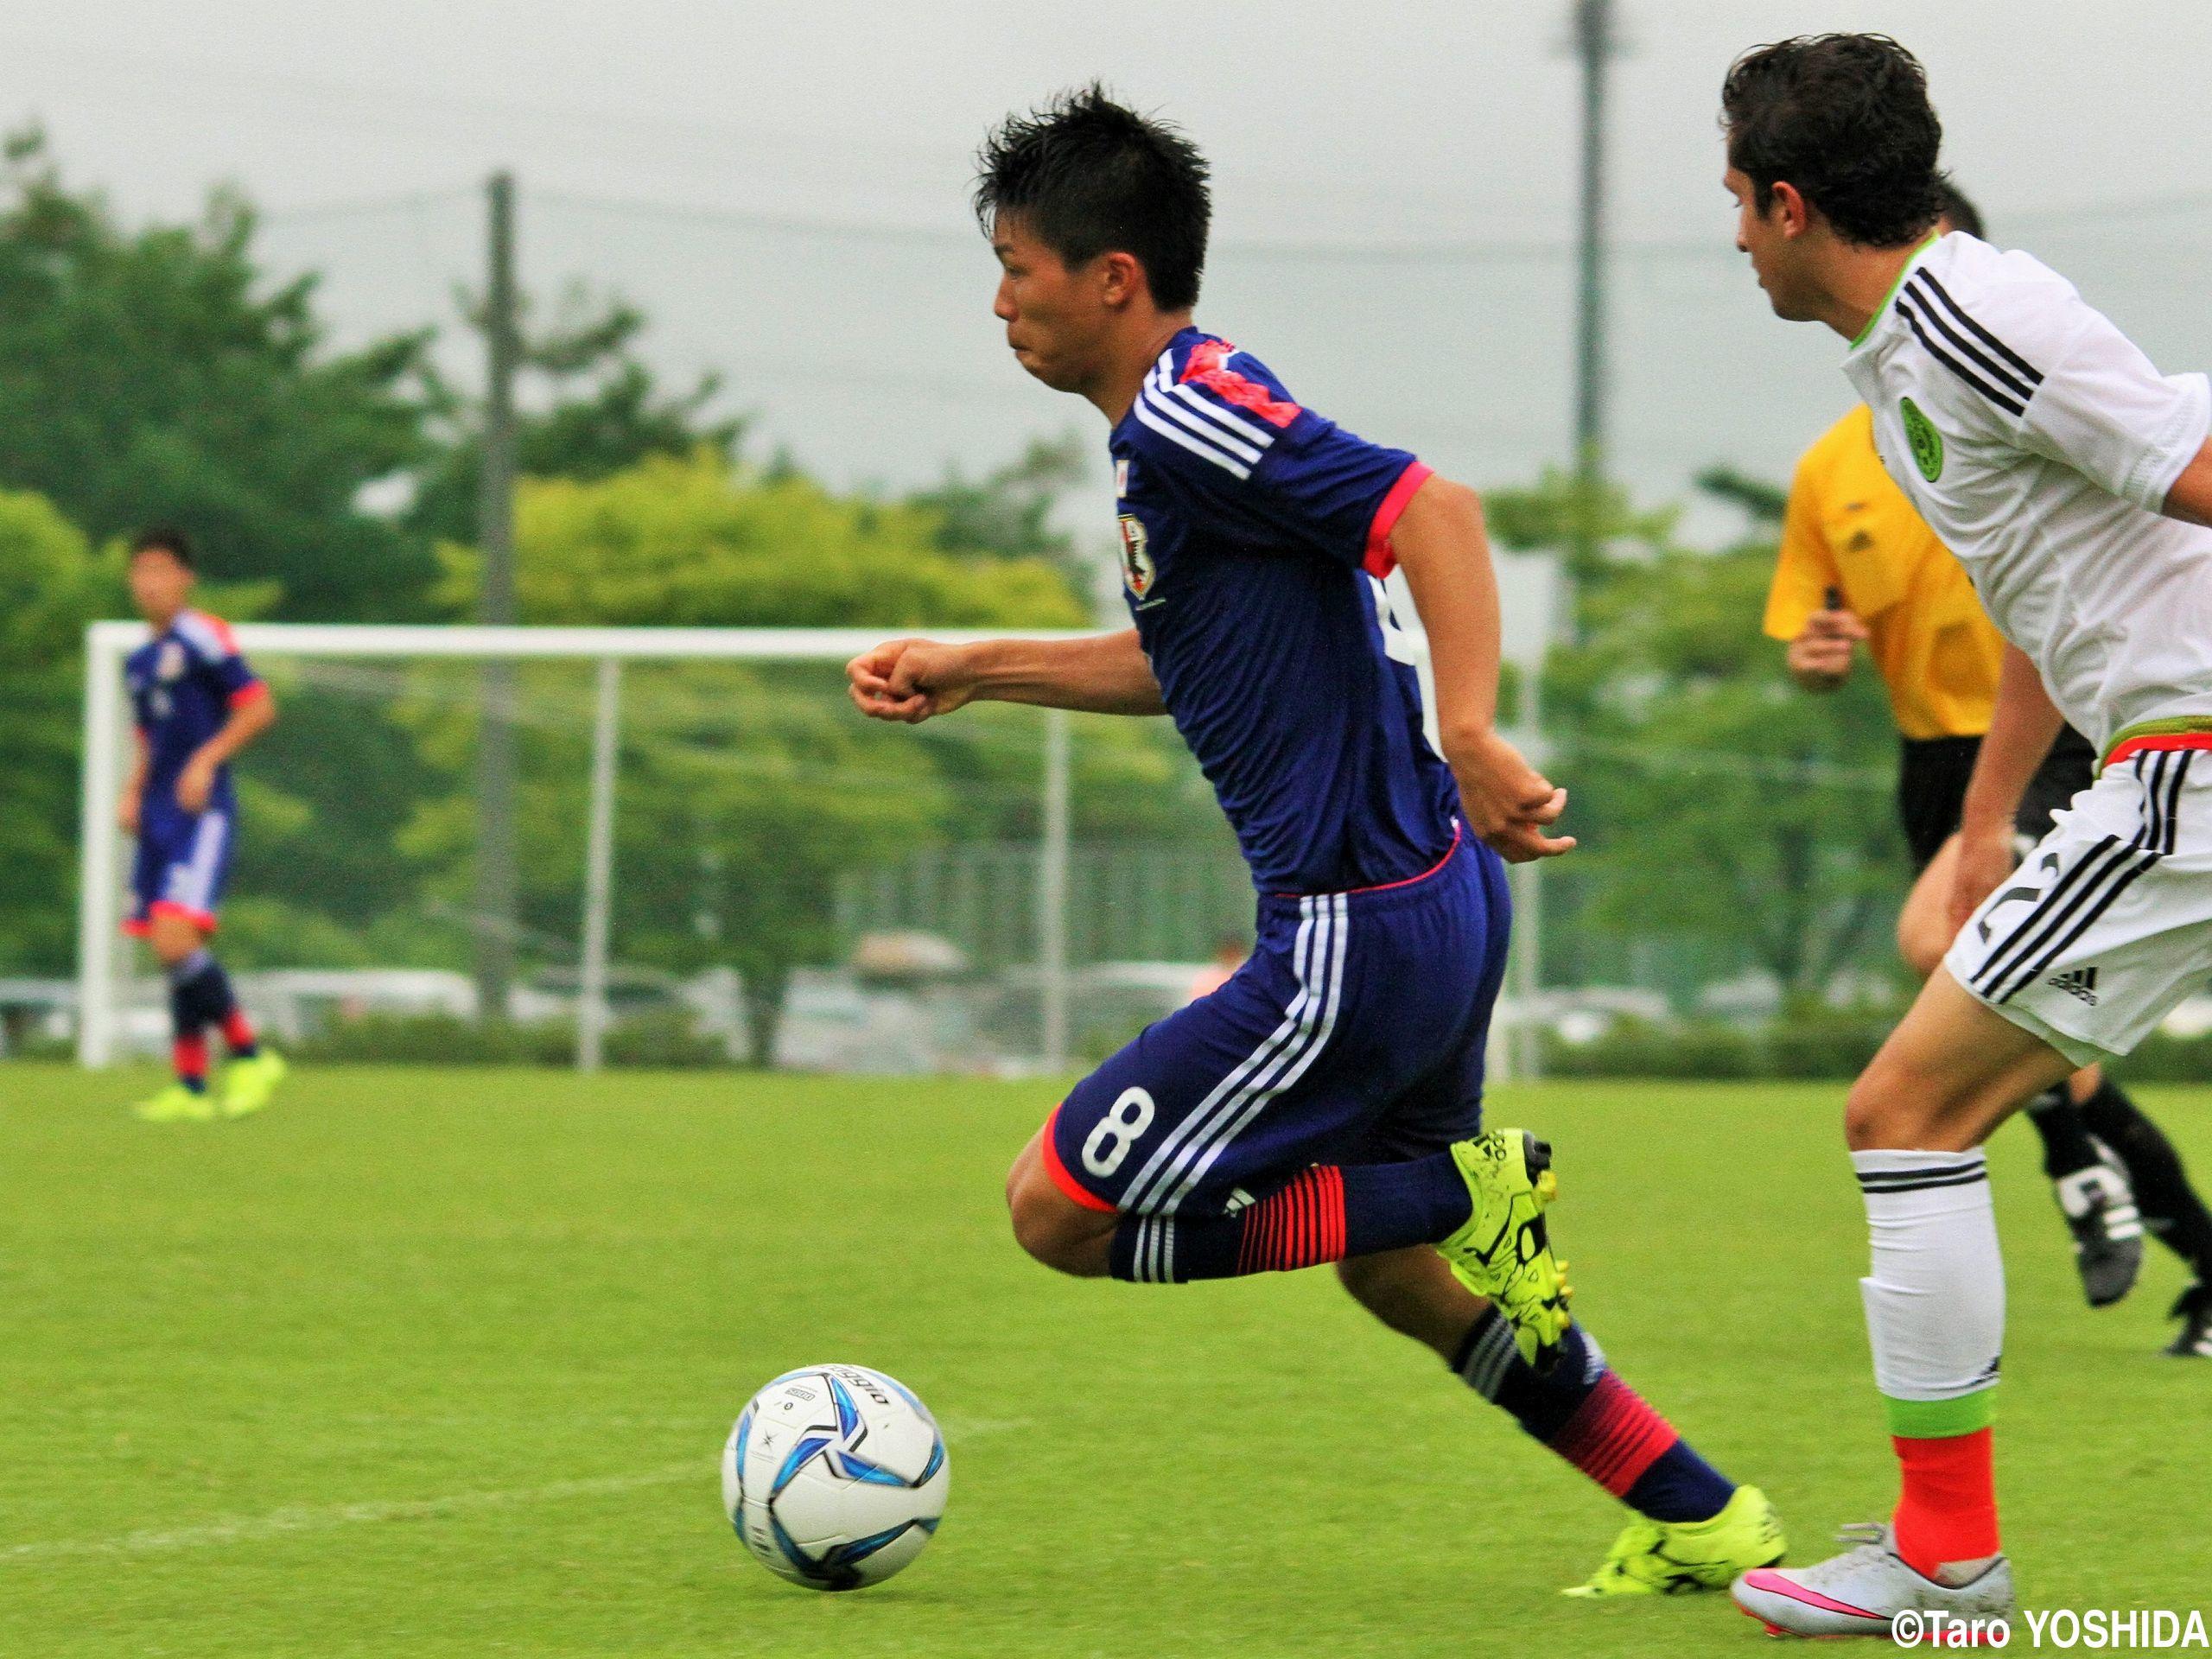 [国際ユースサッカーin新潟]試合の軸傾けるファインプレー、U-17代表MF黒川の「勝負」が2点目生み出す